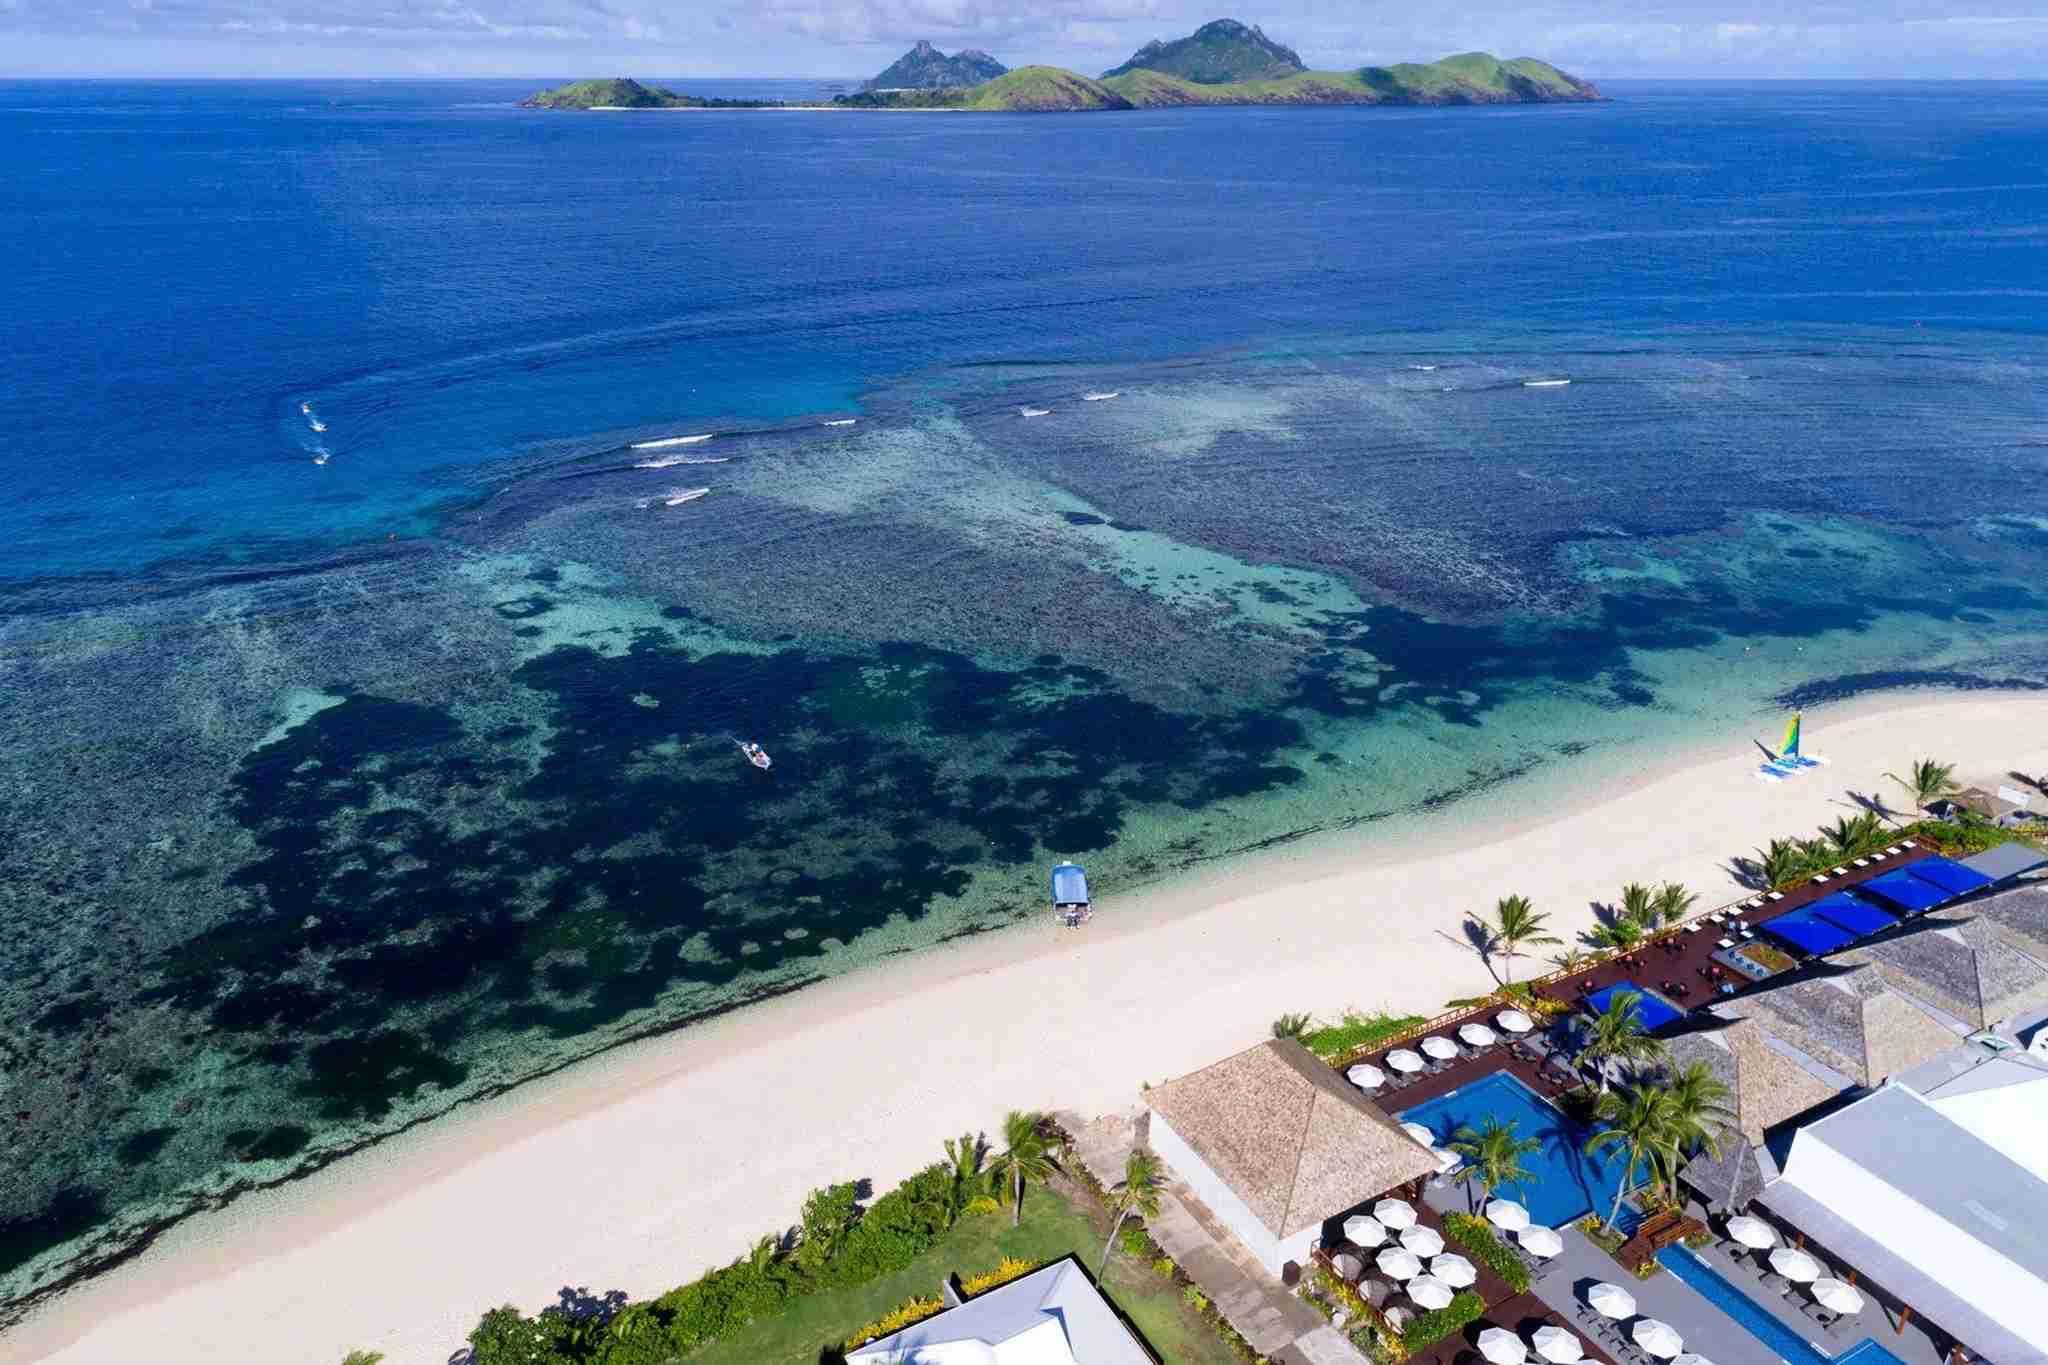 Photo courtesy of the Sheraton Tokoriki Island.